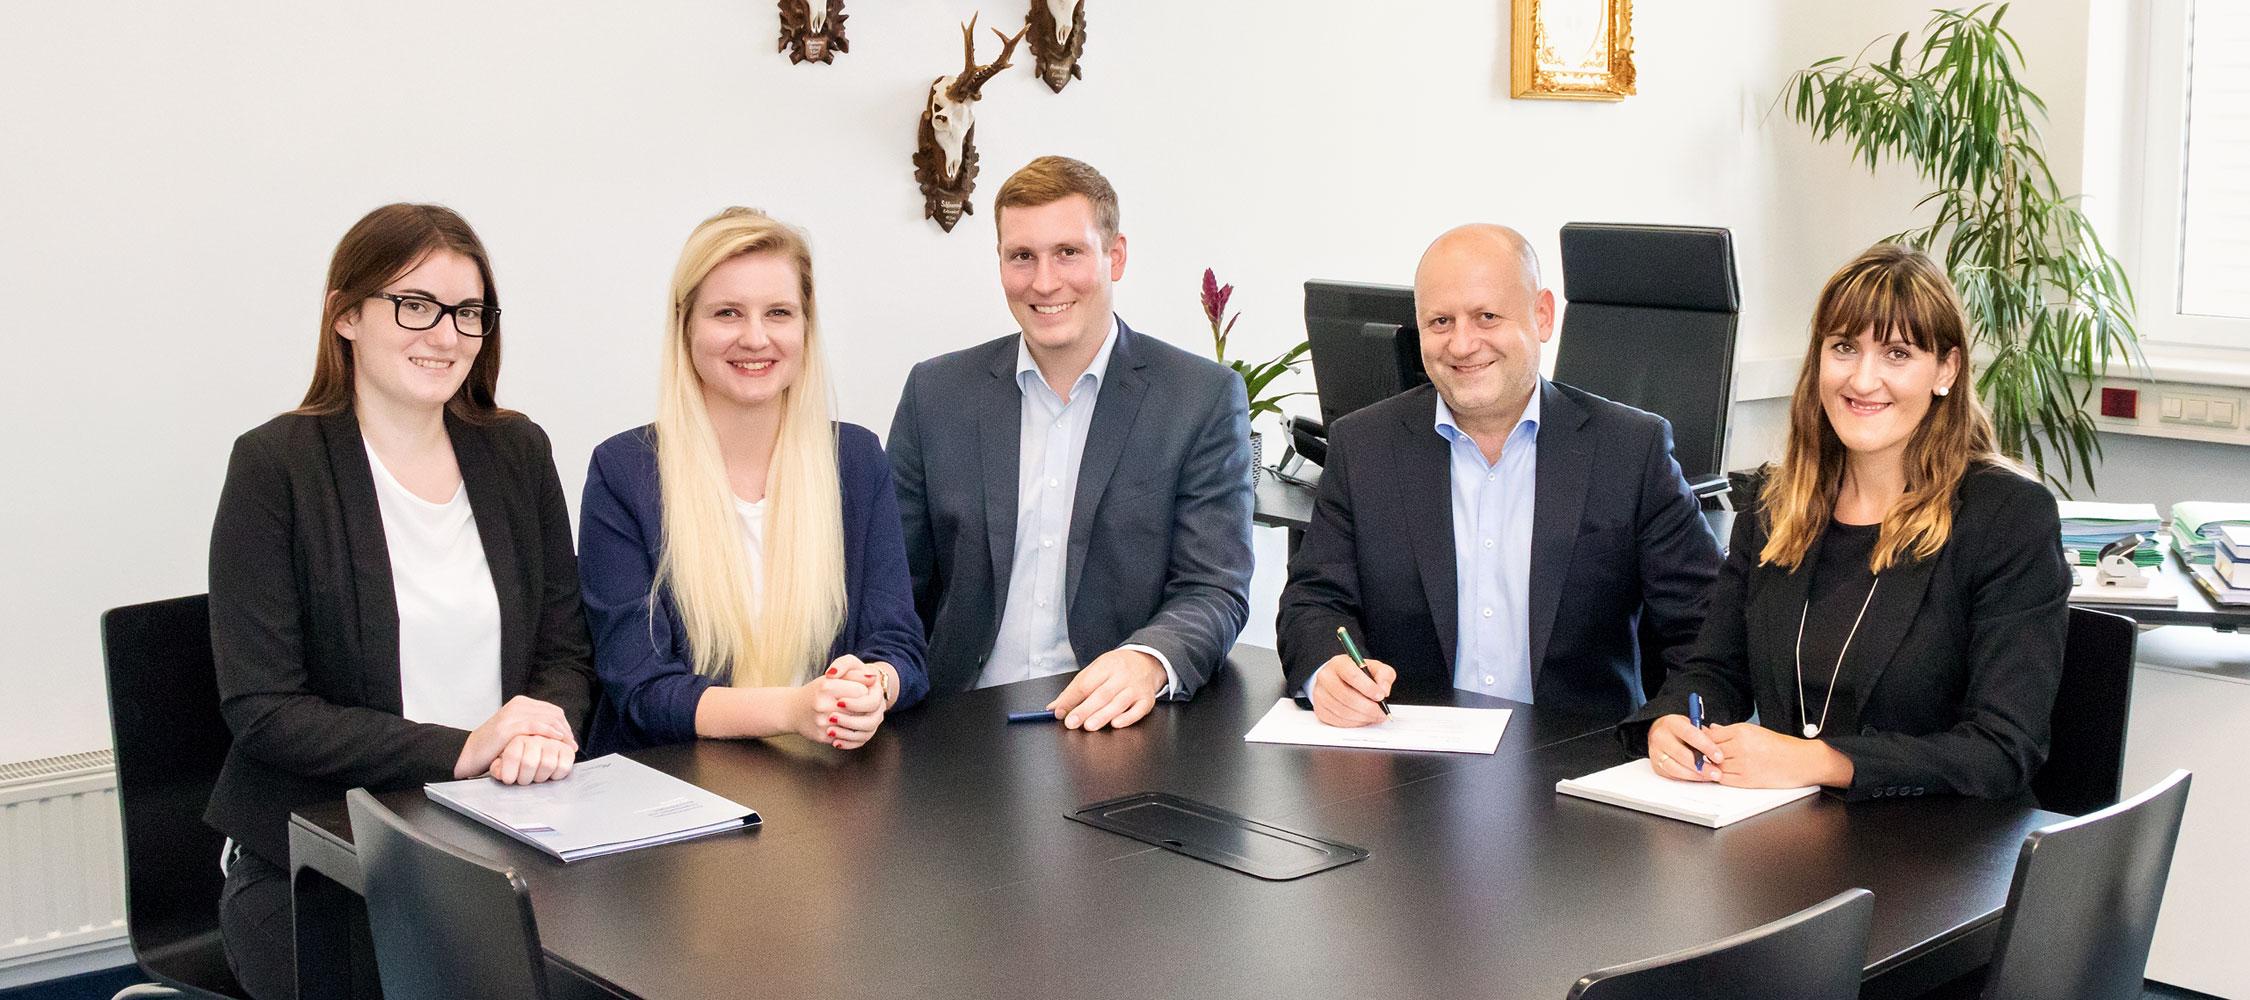 Das Team des Notariat Pendl in Leibnitz